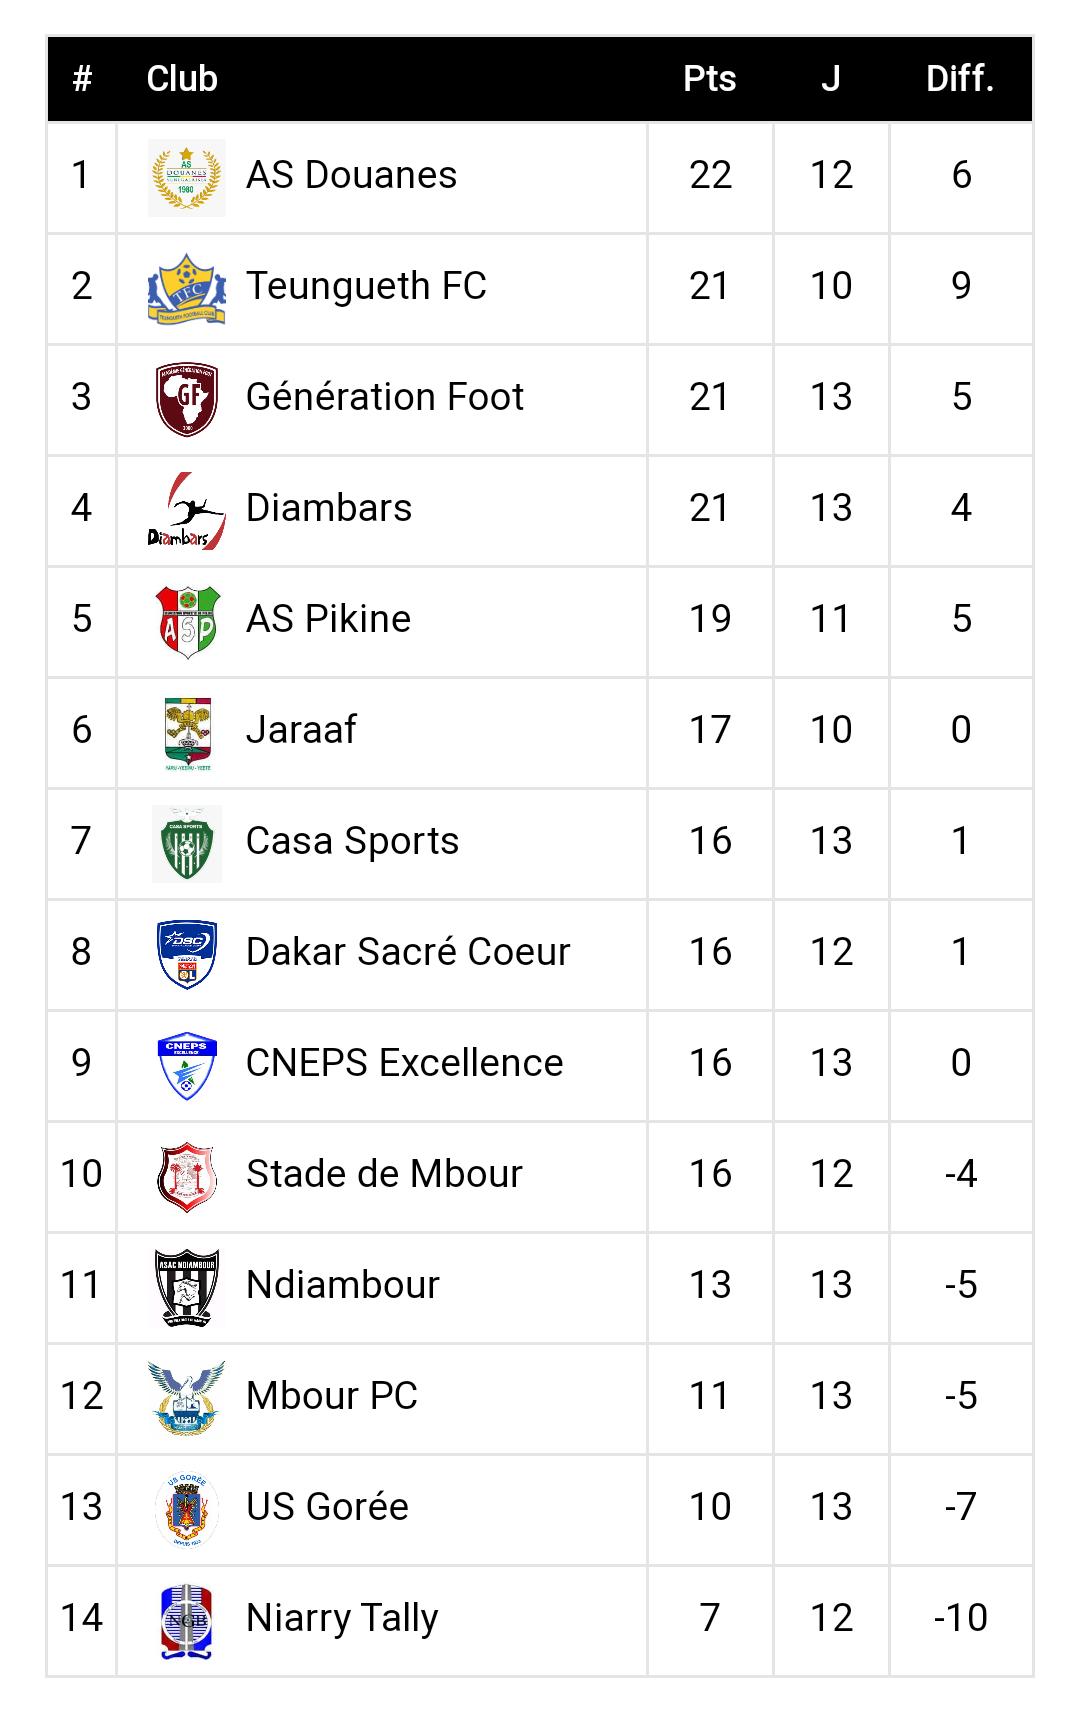 Ligue 1 / 13e journée : L'AS Douanes en tête, Teungueth FC, Diambars et Génération Foot se tiennent dans un mouchoir de poche…